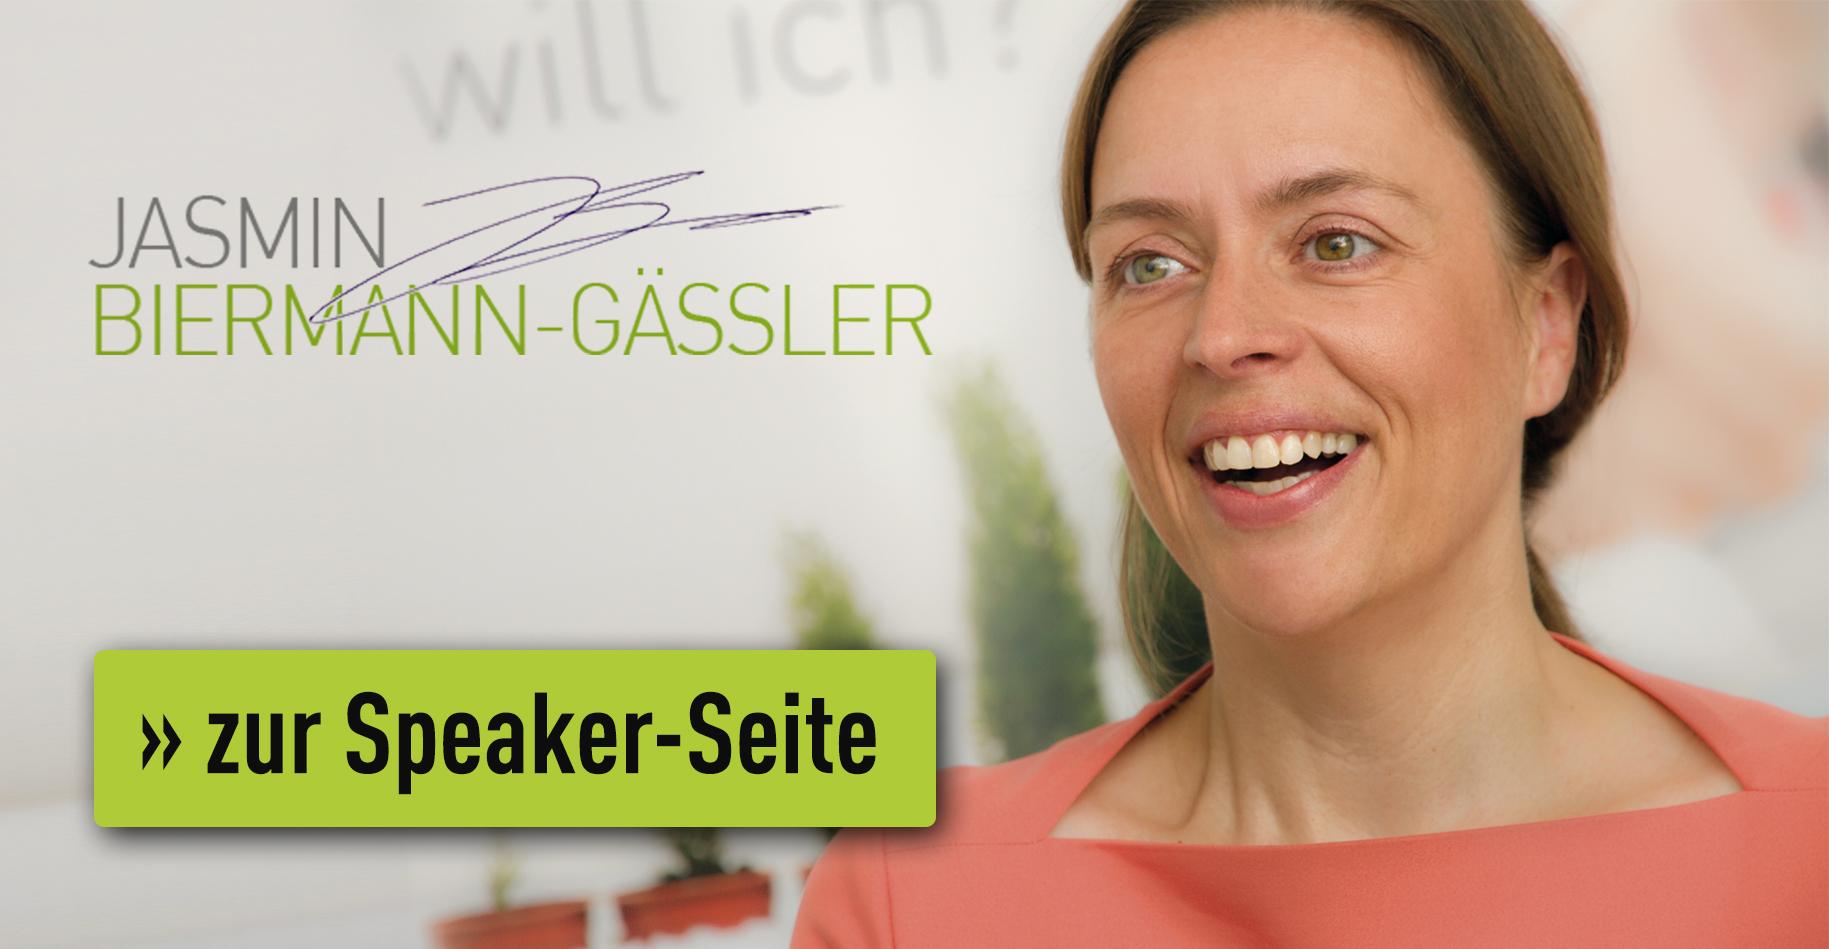 Jasmin Biermann-Gässler - Speaker-Profil